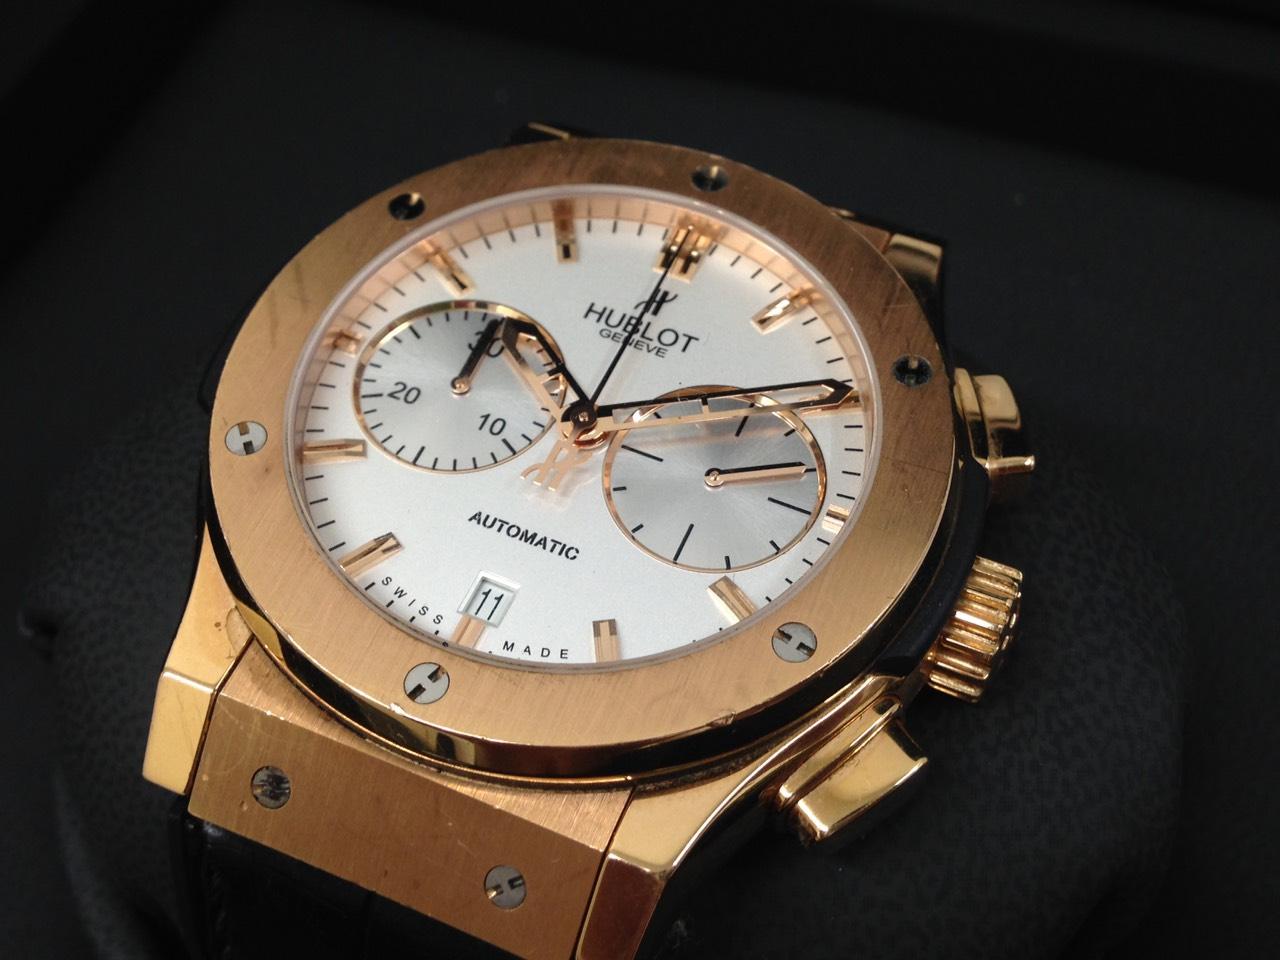 ウブロ HUBLOT クラシックフージョン クロノグラフ 18Kキングゴールド 白文字盤 高級腕時計 東京 銀座 高額買取